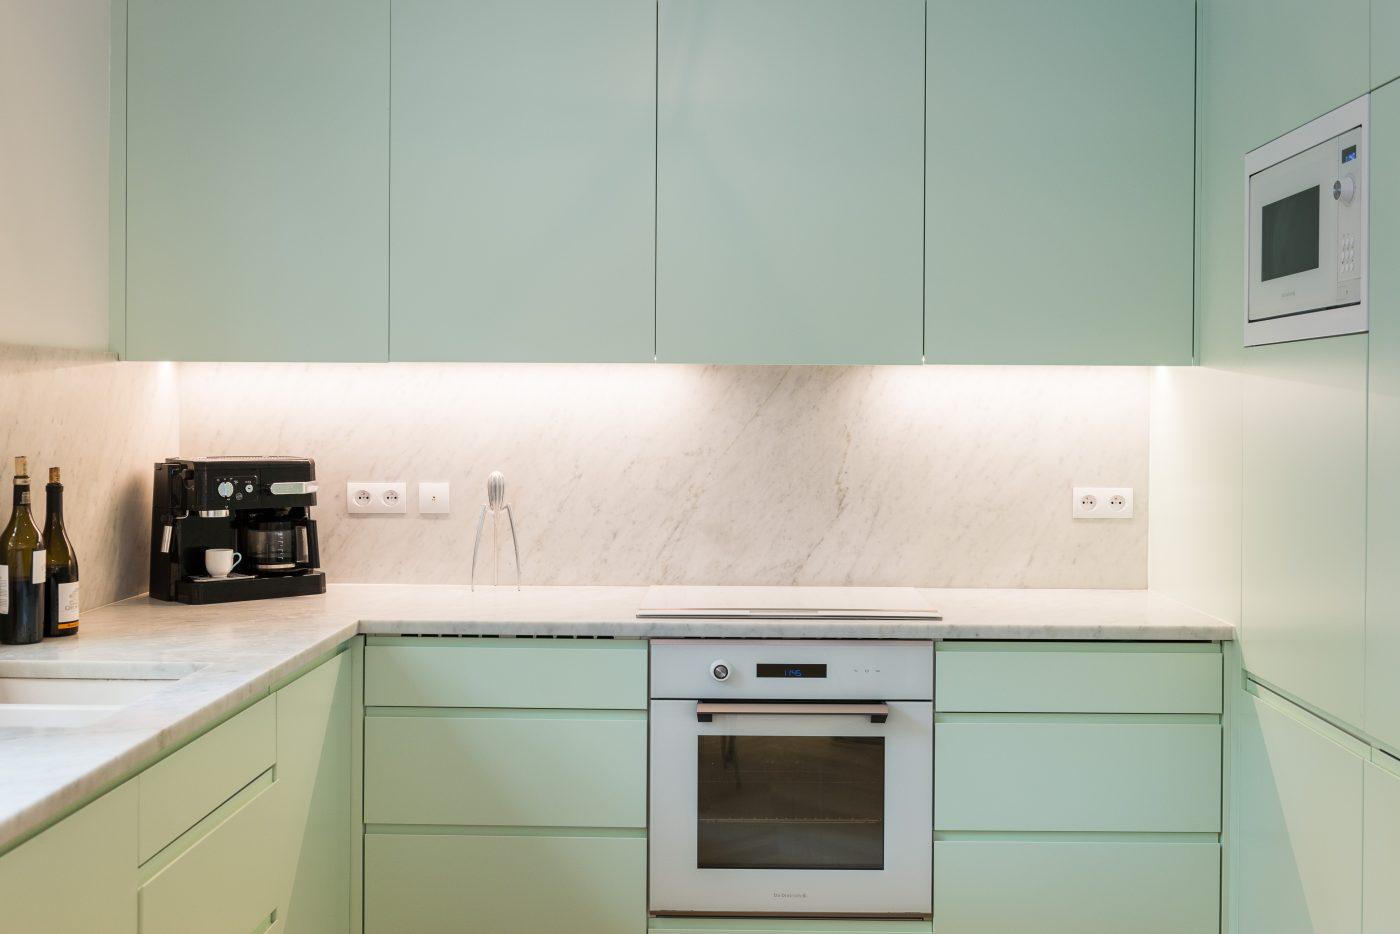 Cuisine - Décoration paris appartement - Marion Alberge